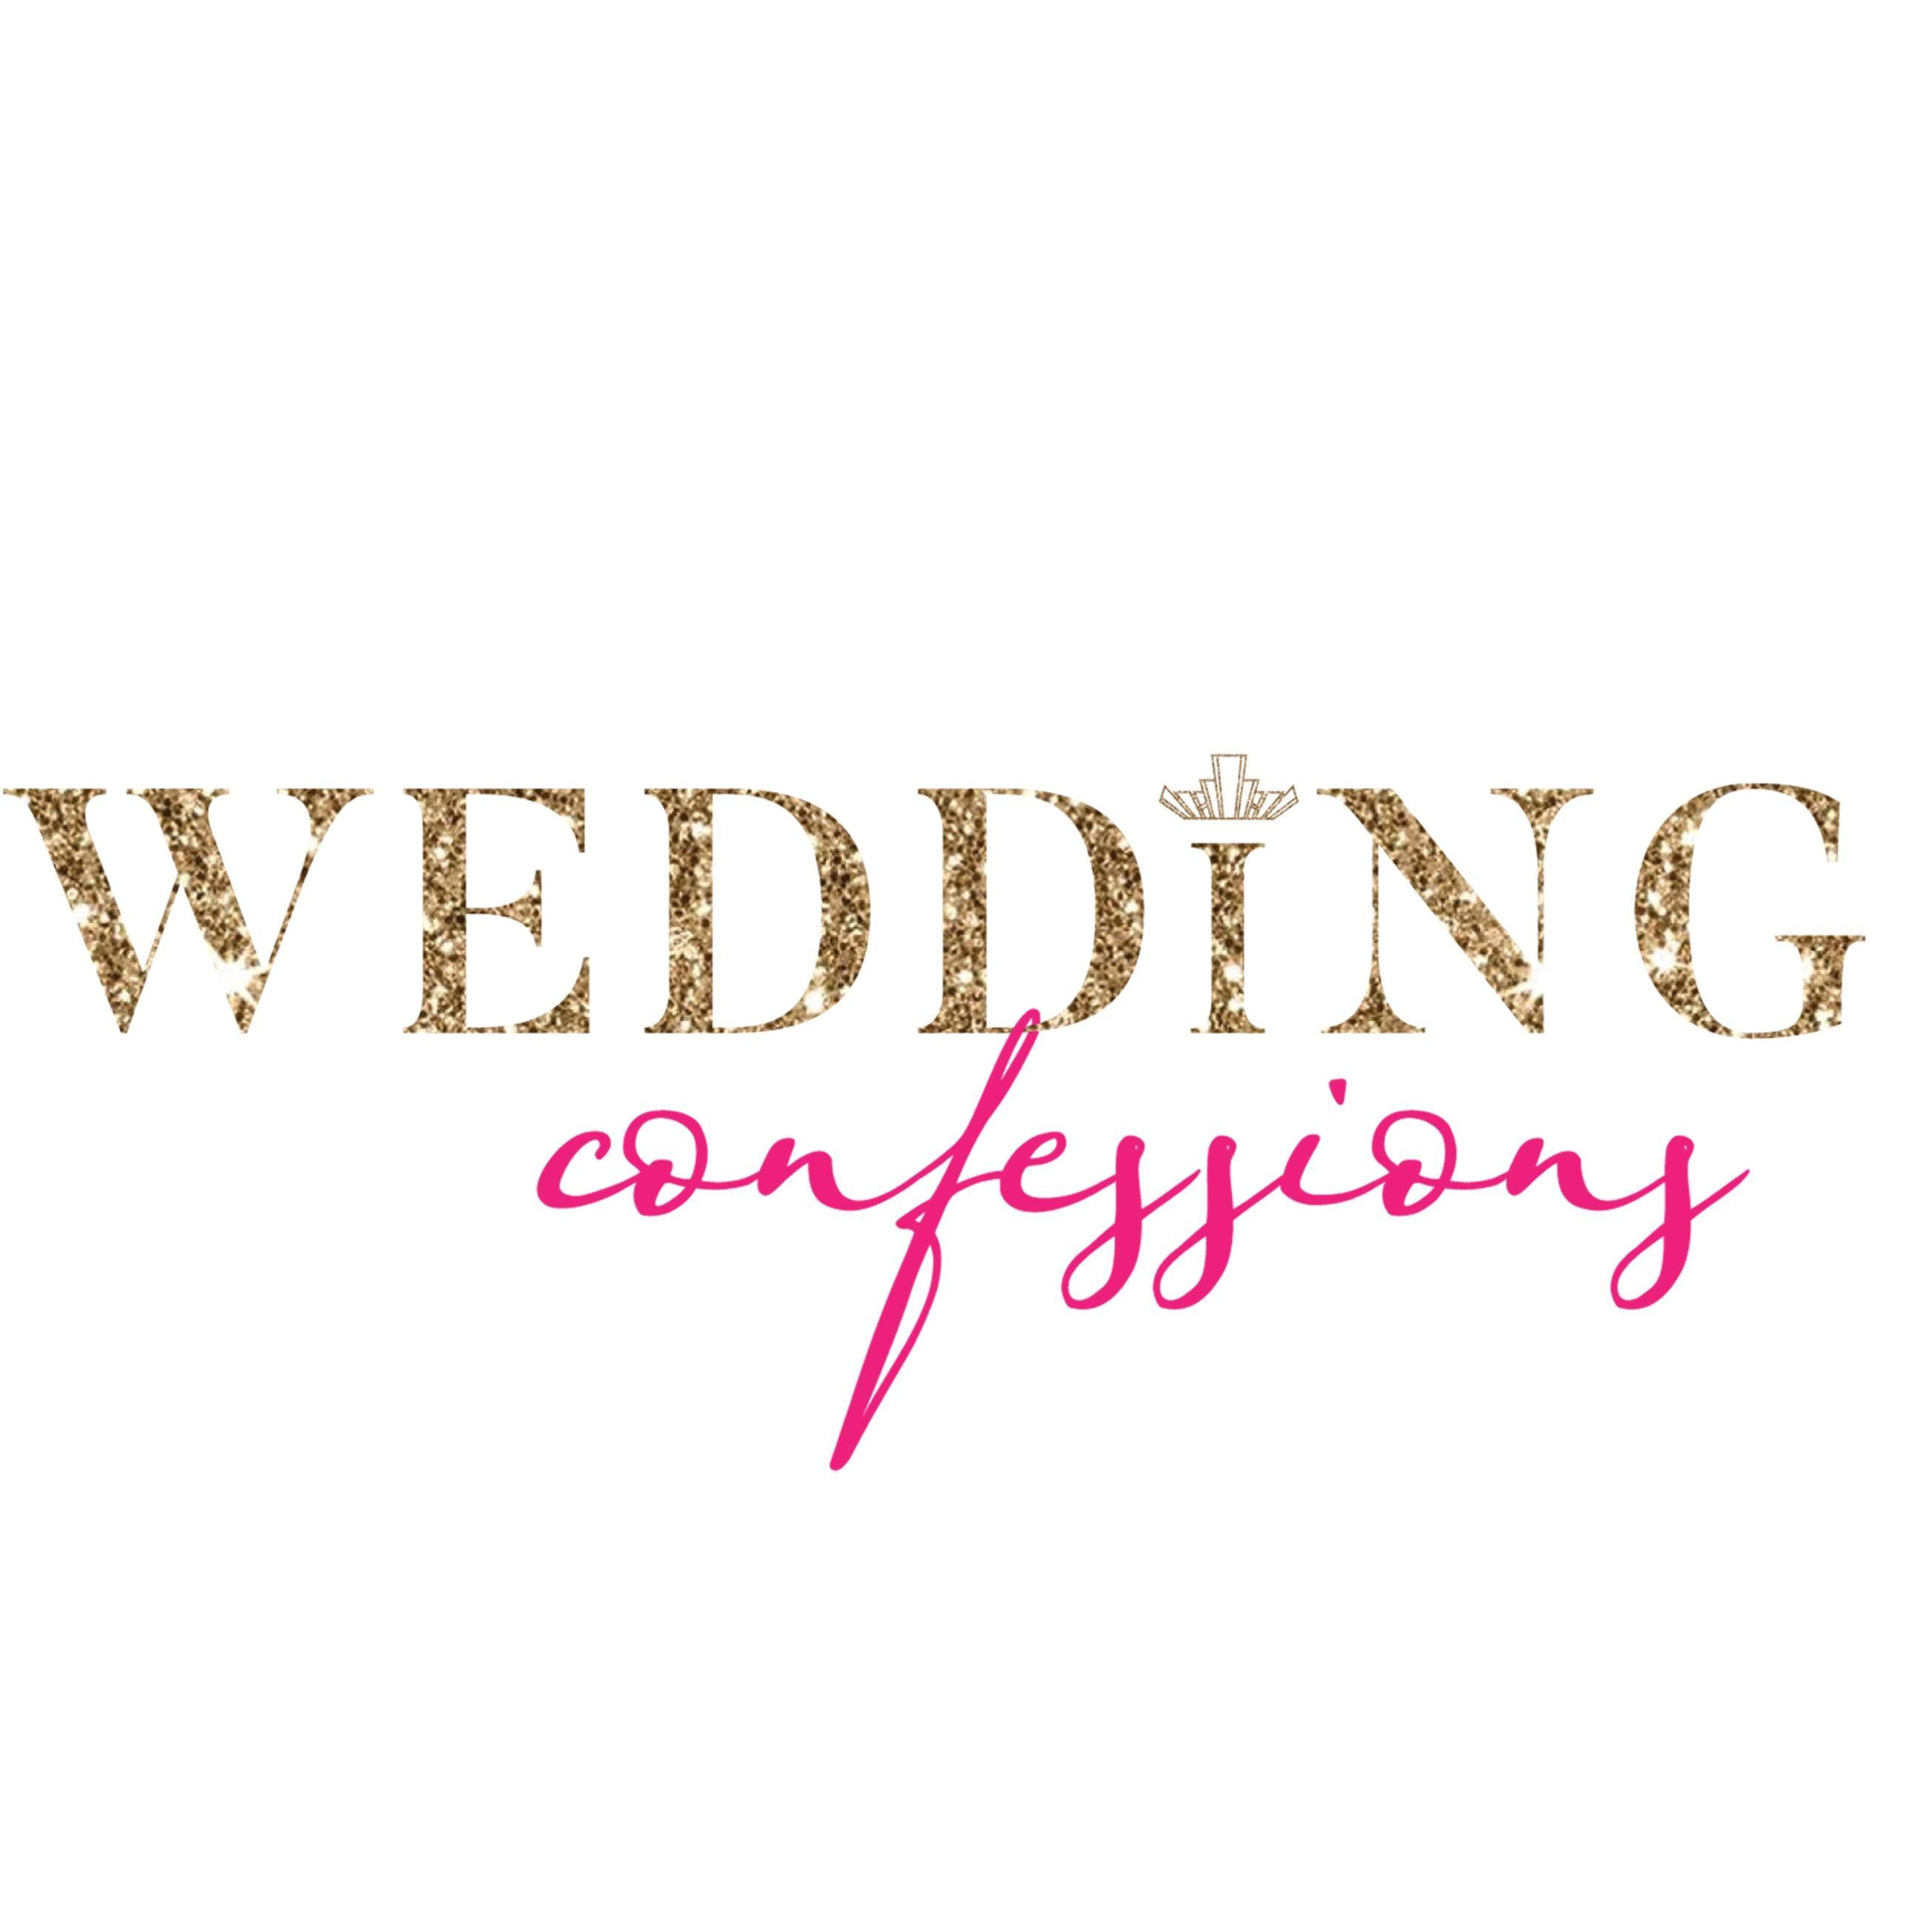 Wedding Confessions